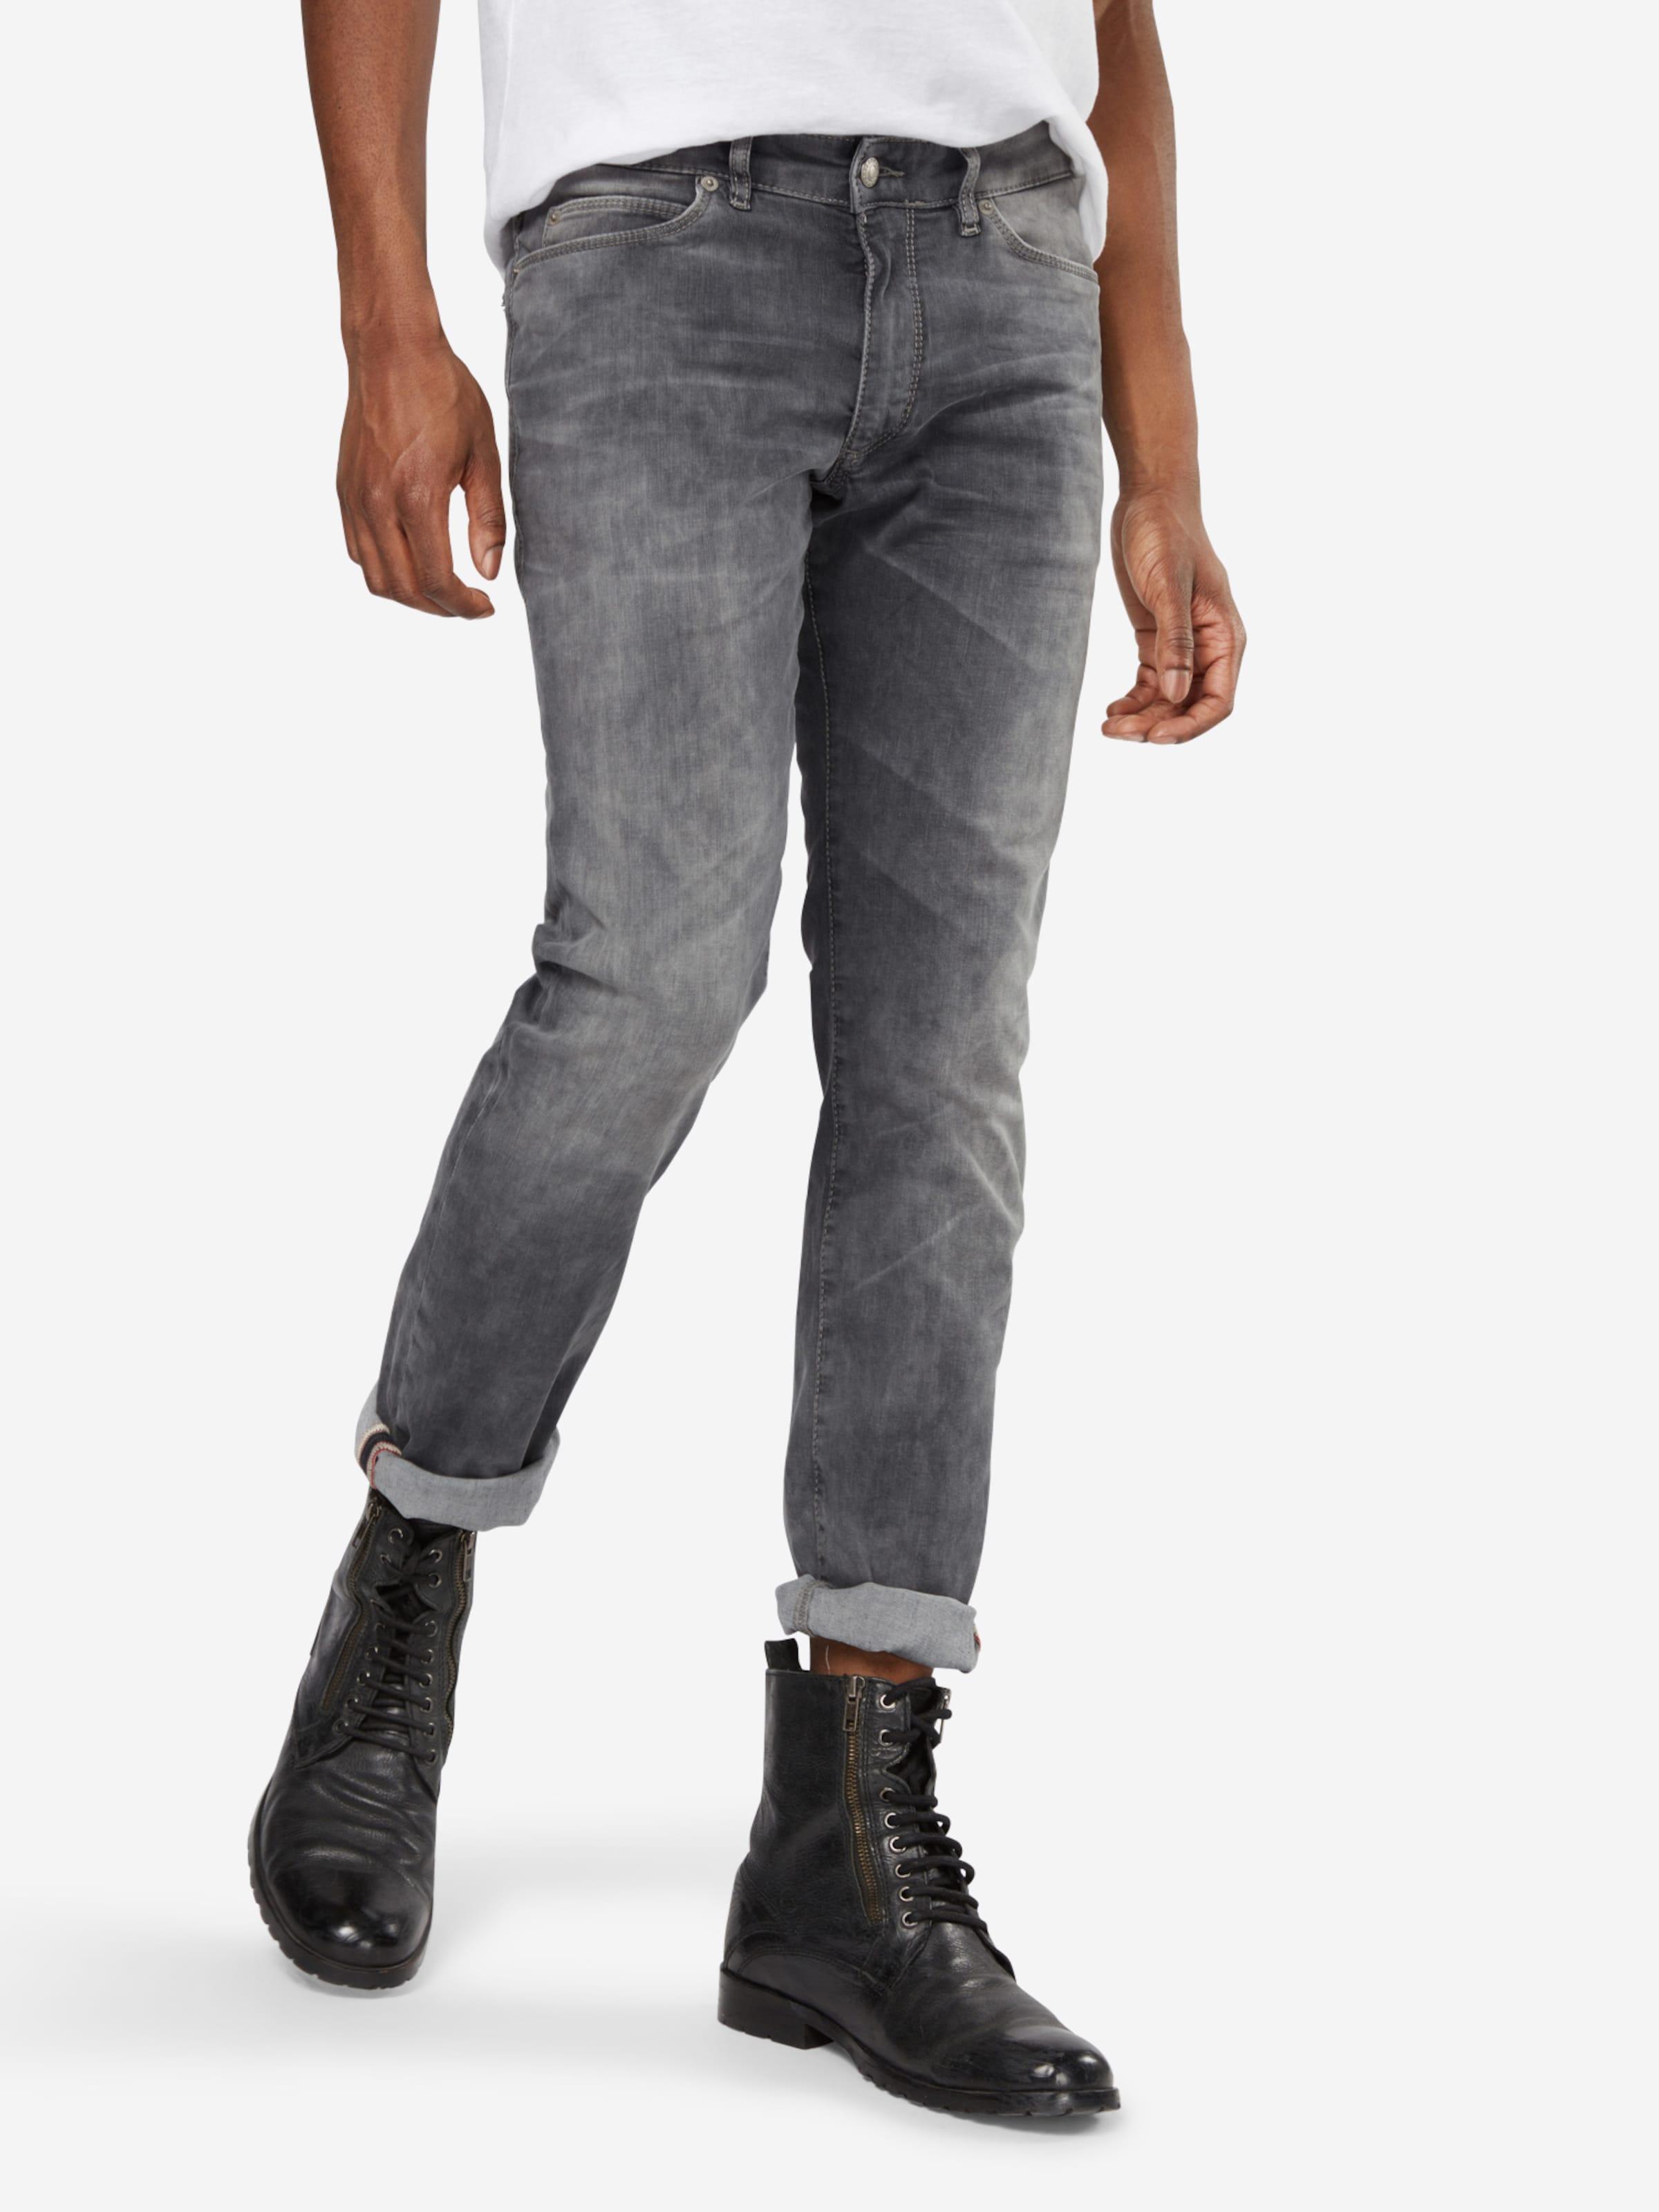 Verkauf Online-Shop Vorbestellung Verkauf Online DRYKORN 5-Pocket-Jeans 'Jaw' Wählen Sie Einen Besten Online-Verkauf Wiki Online cZxlA5